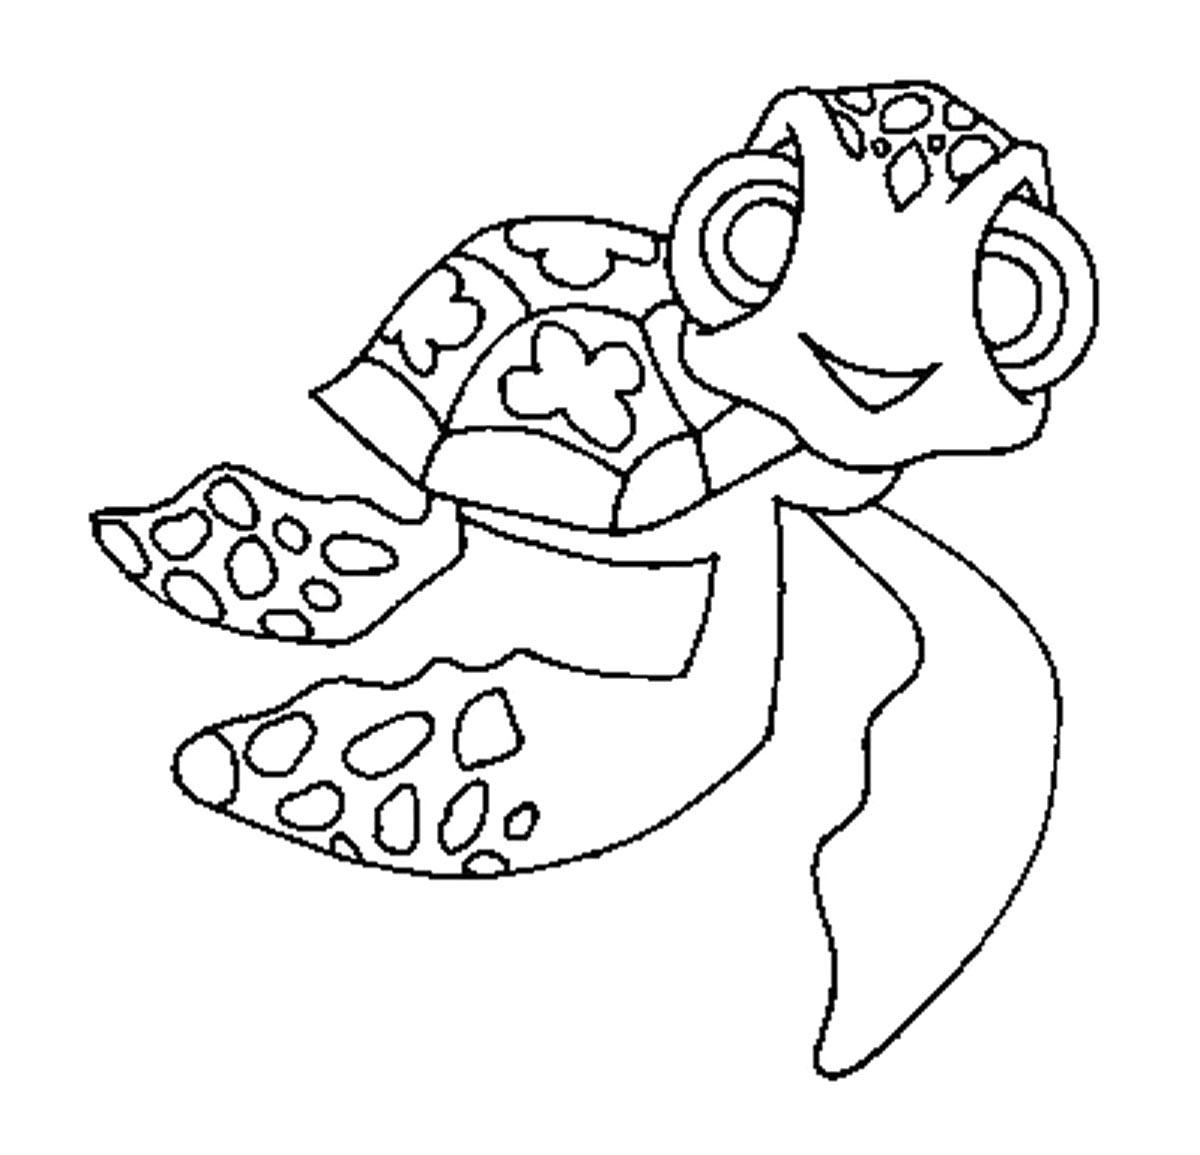 Sea Turtle Cartoon Drawing At Getdrawings